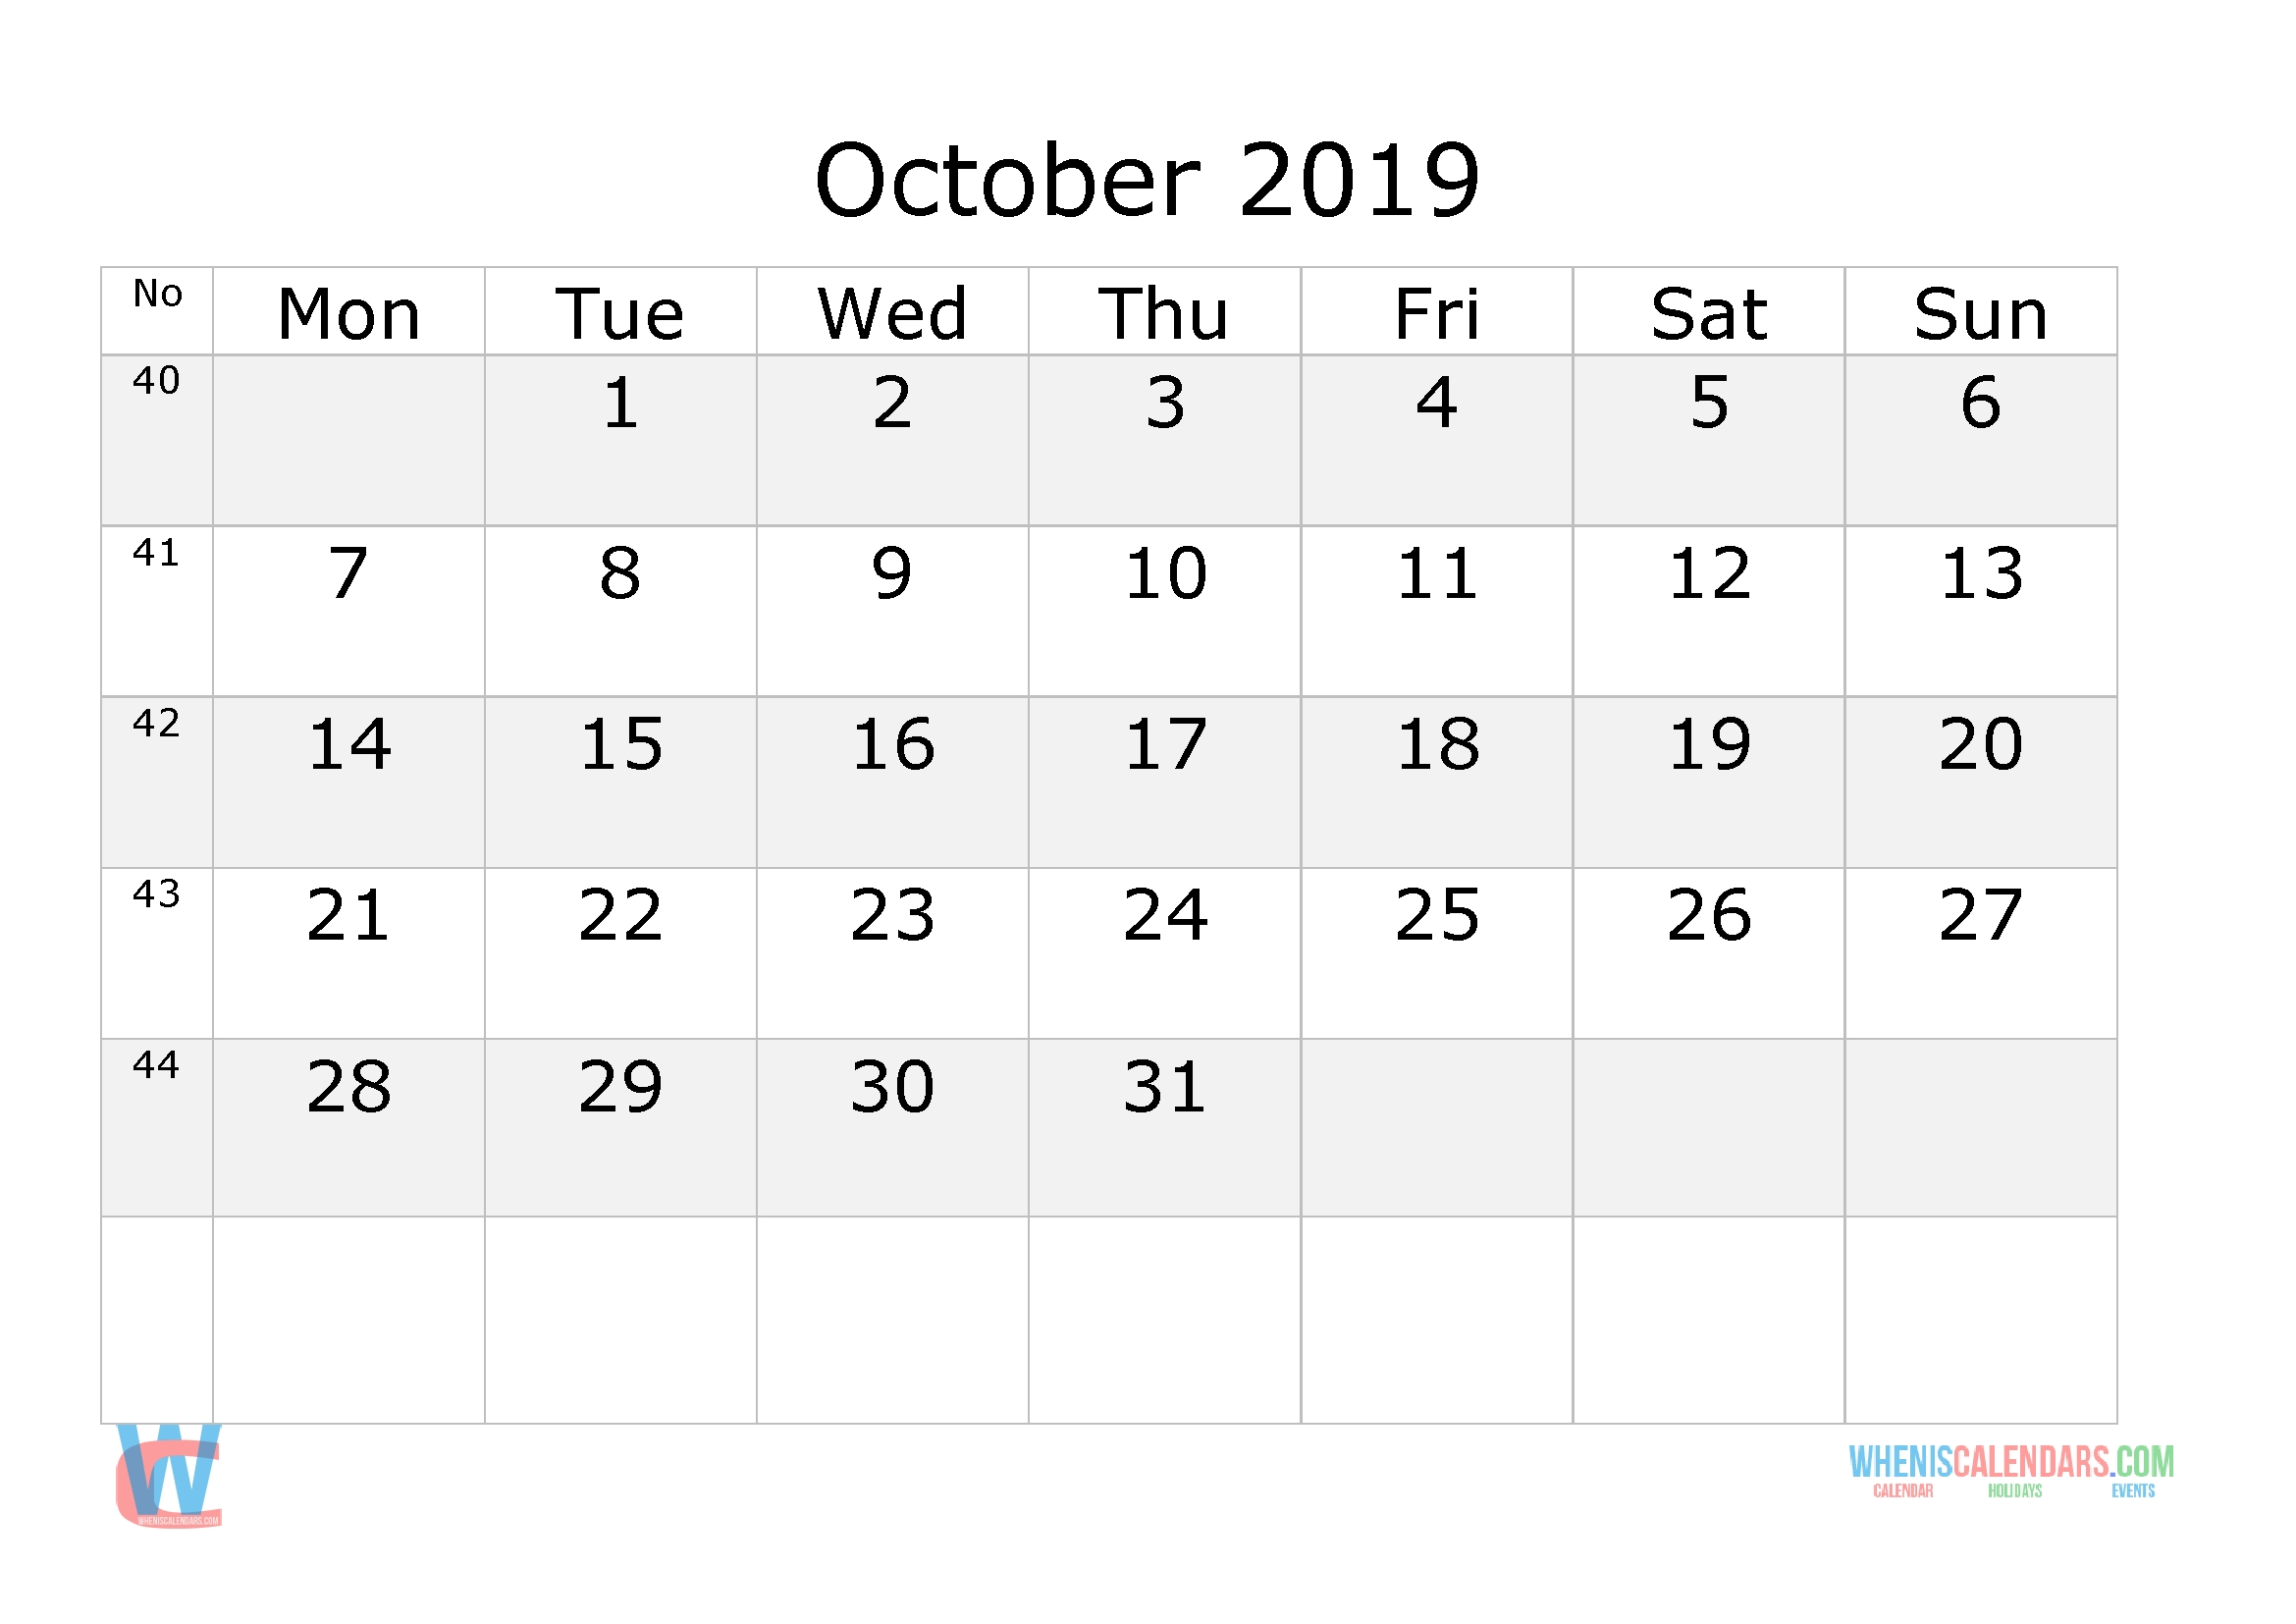 October 2019 Calendar With Week Numbers Printable, Start